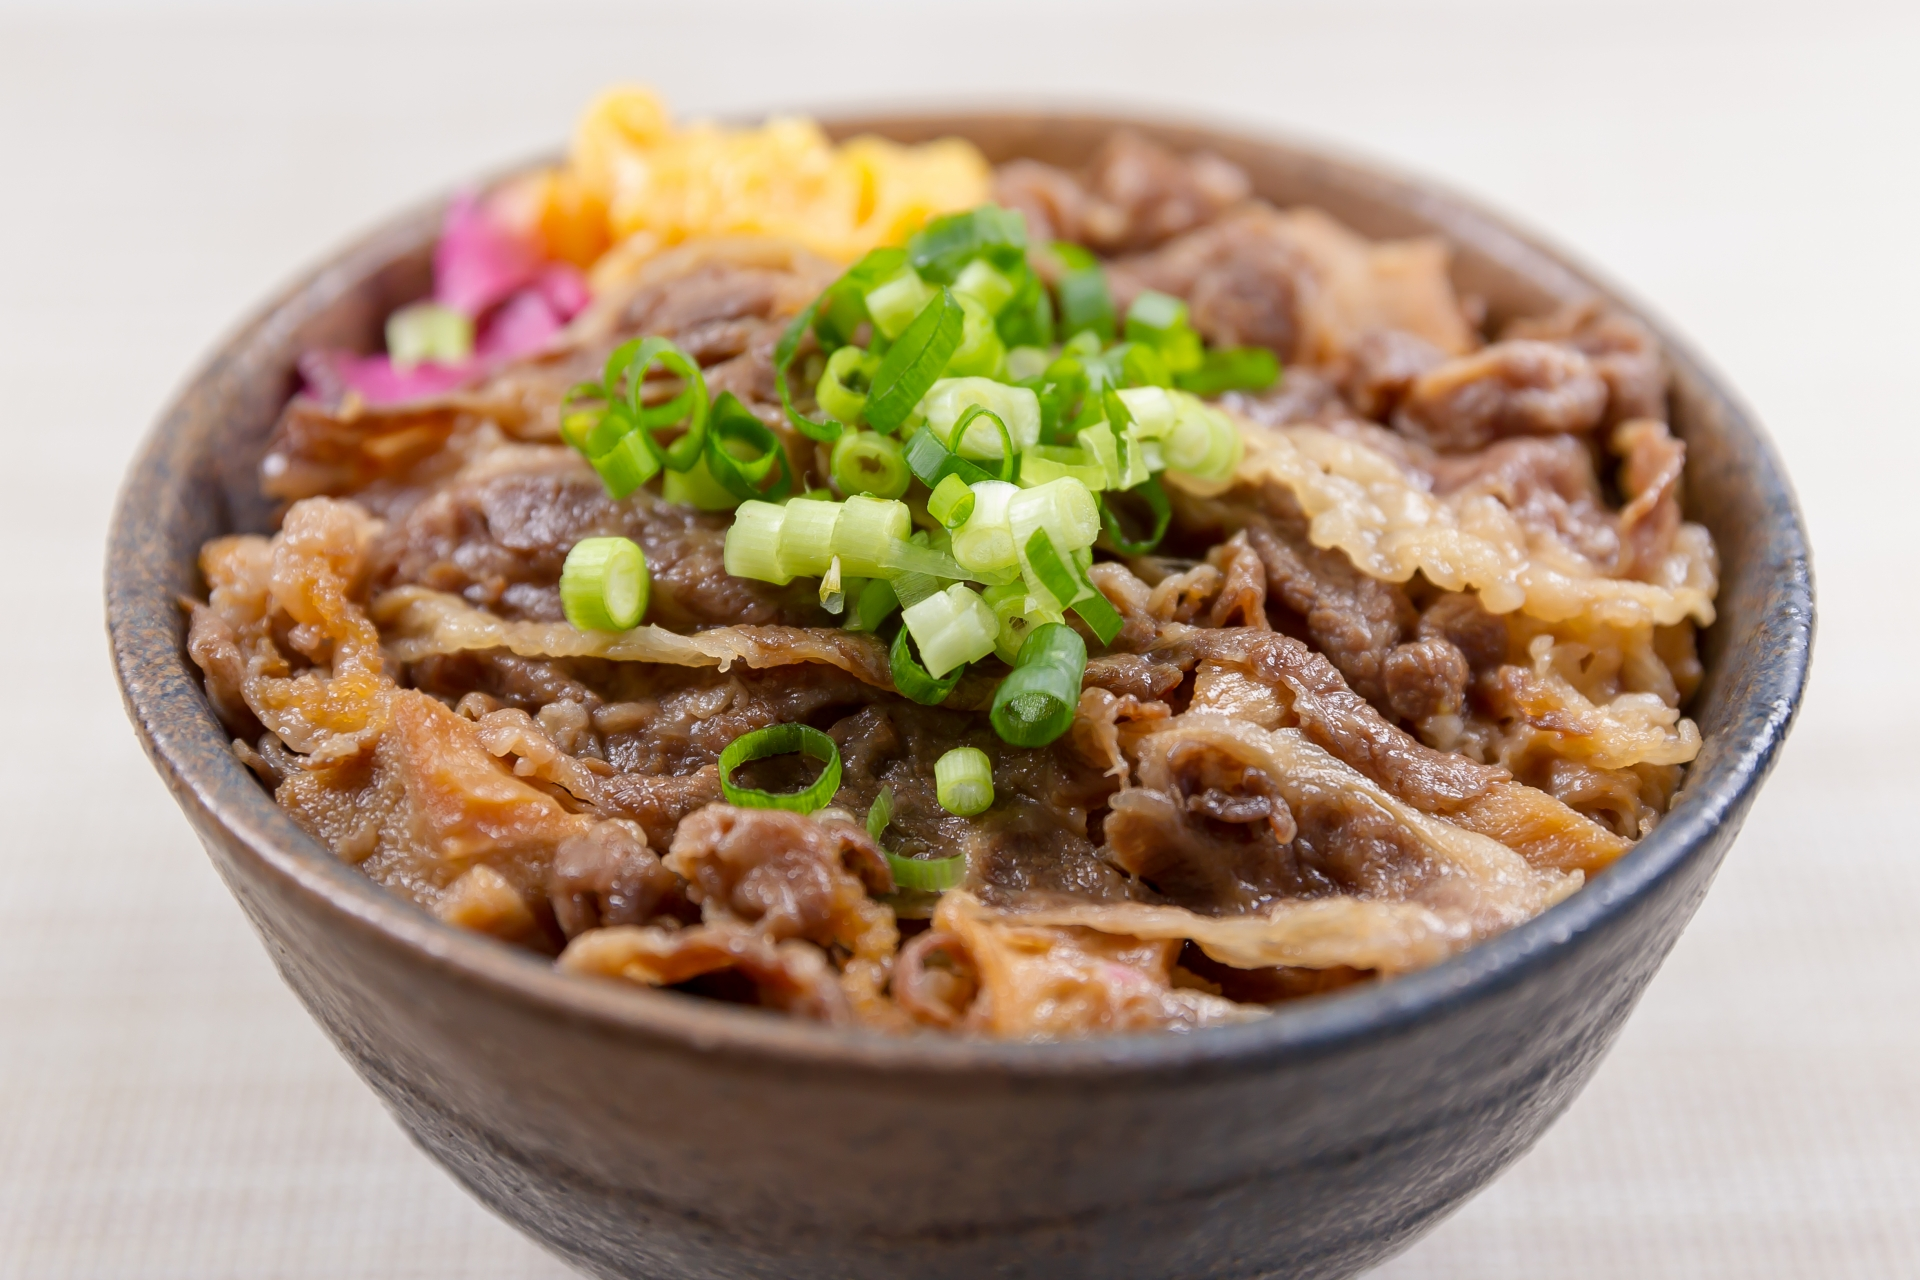 牛肉と玉ねぎの炒めのバリエーションは豊富!オススメレシピ